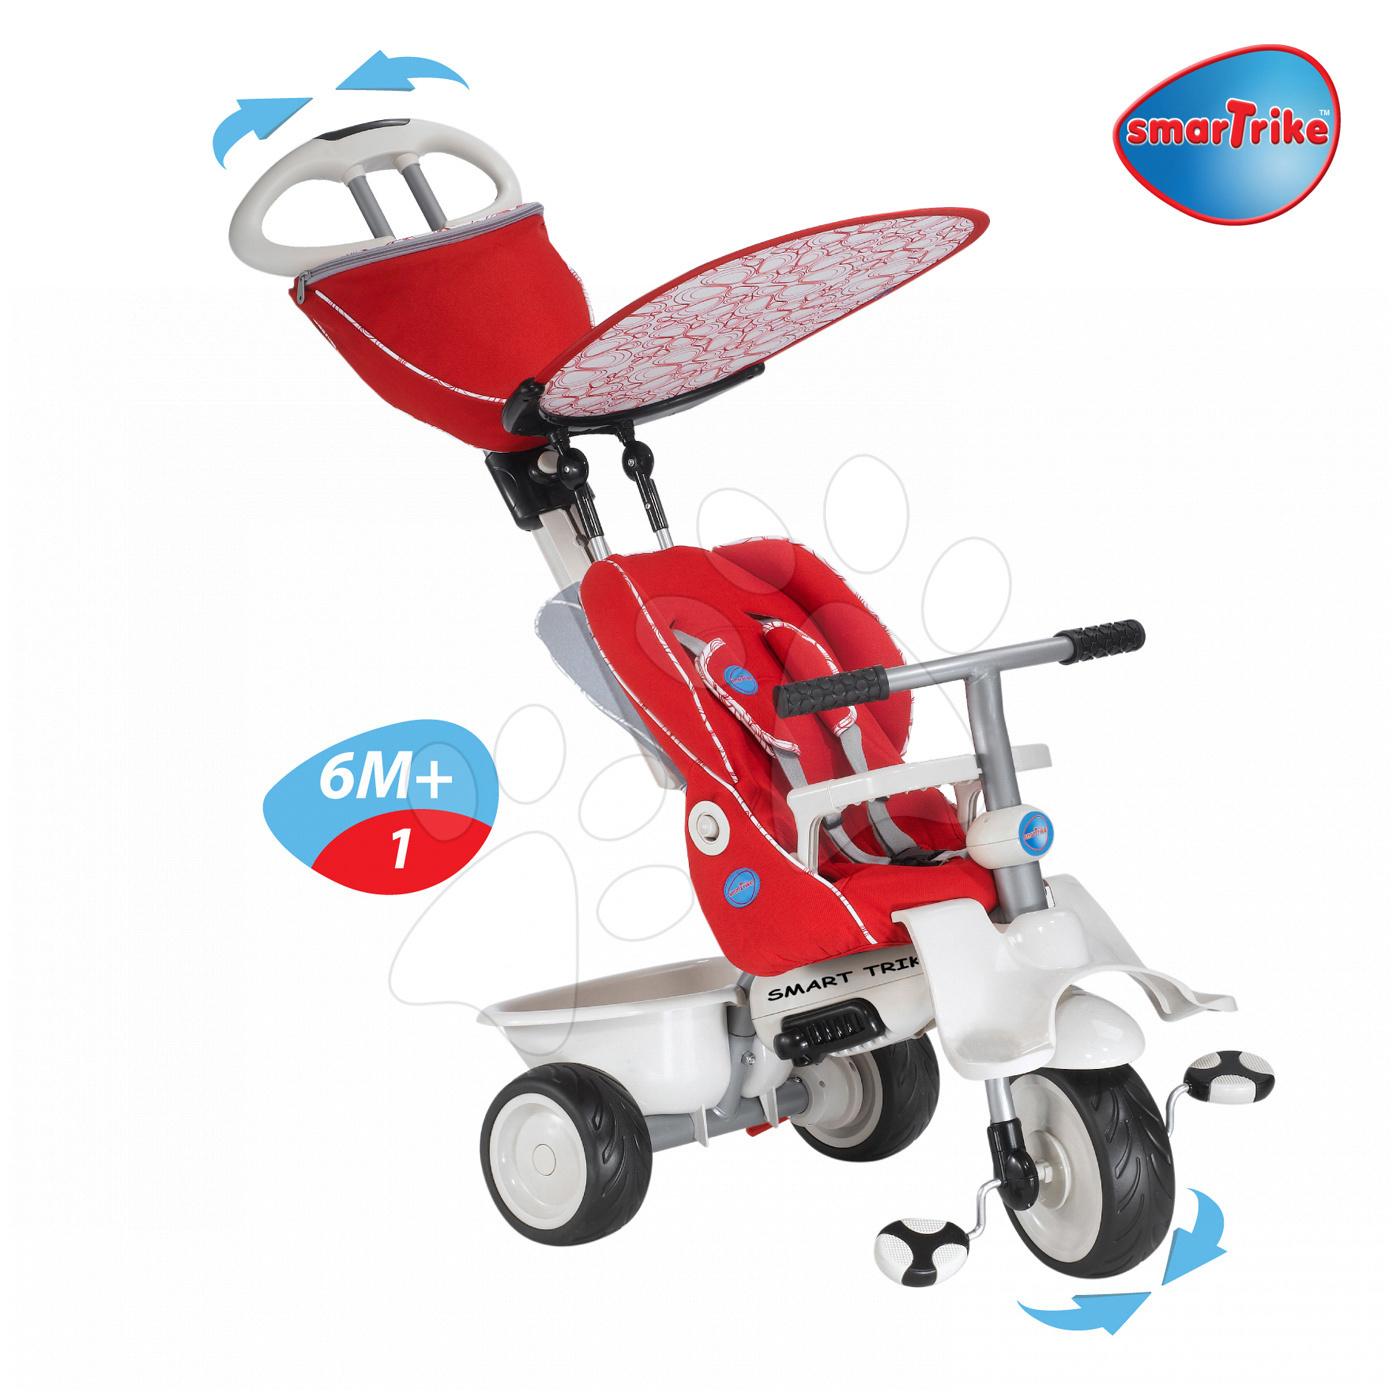 Tricicletă Recliner 4in1 smarTrike cu spătar rabatabil şi husă de ploaie bordo-gri de la vârsta de 6 luni